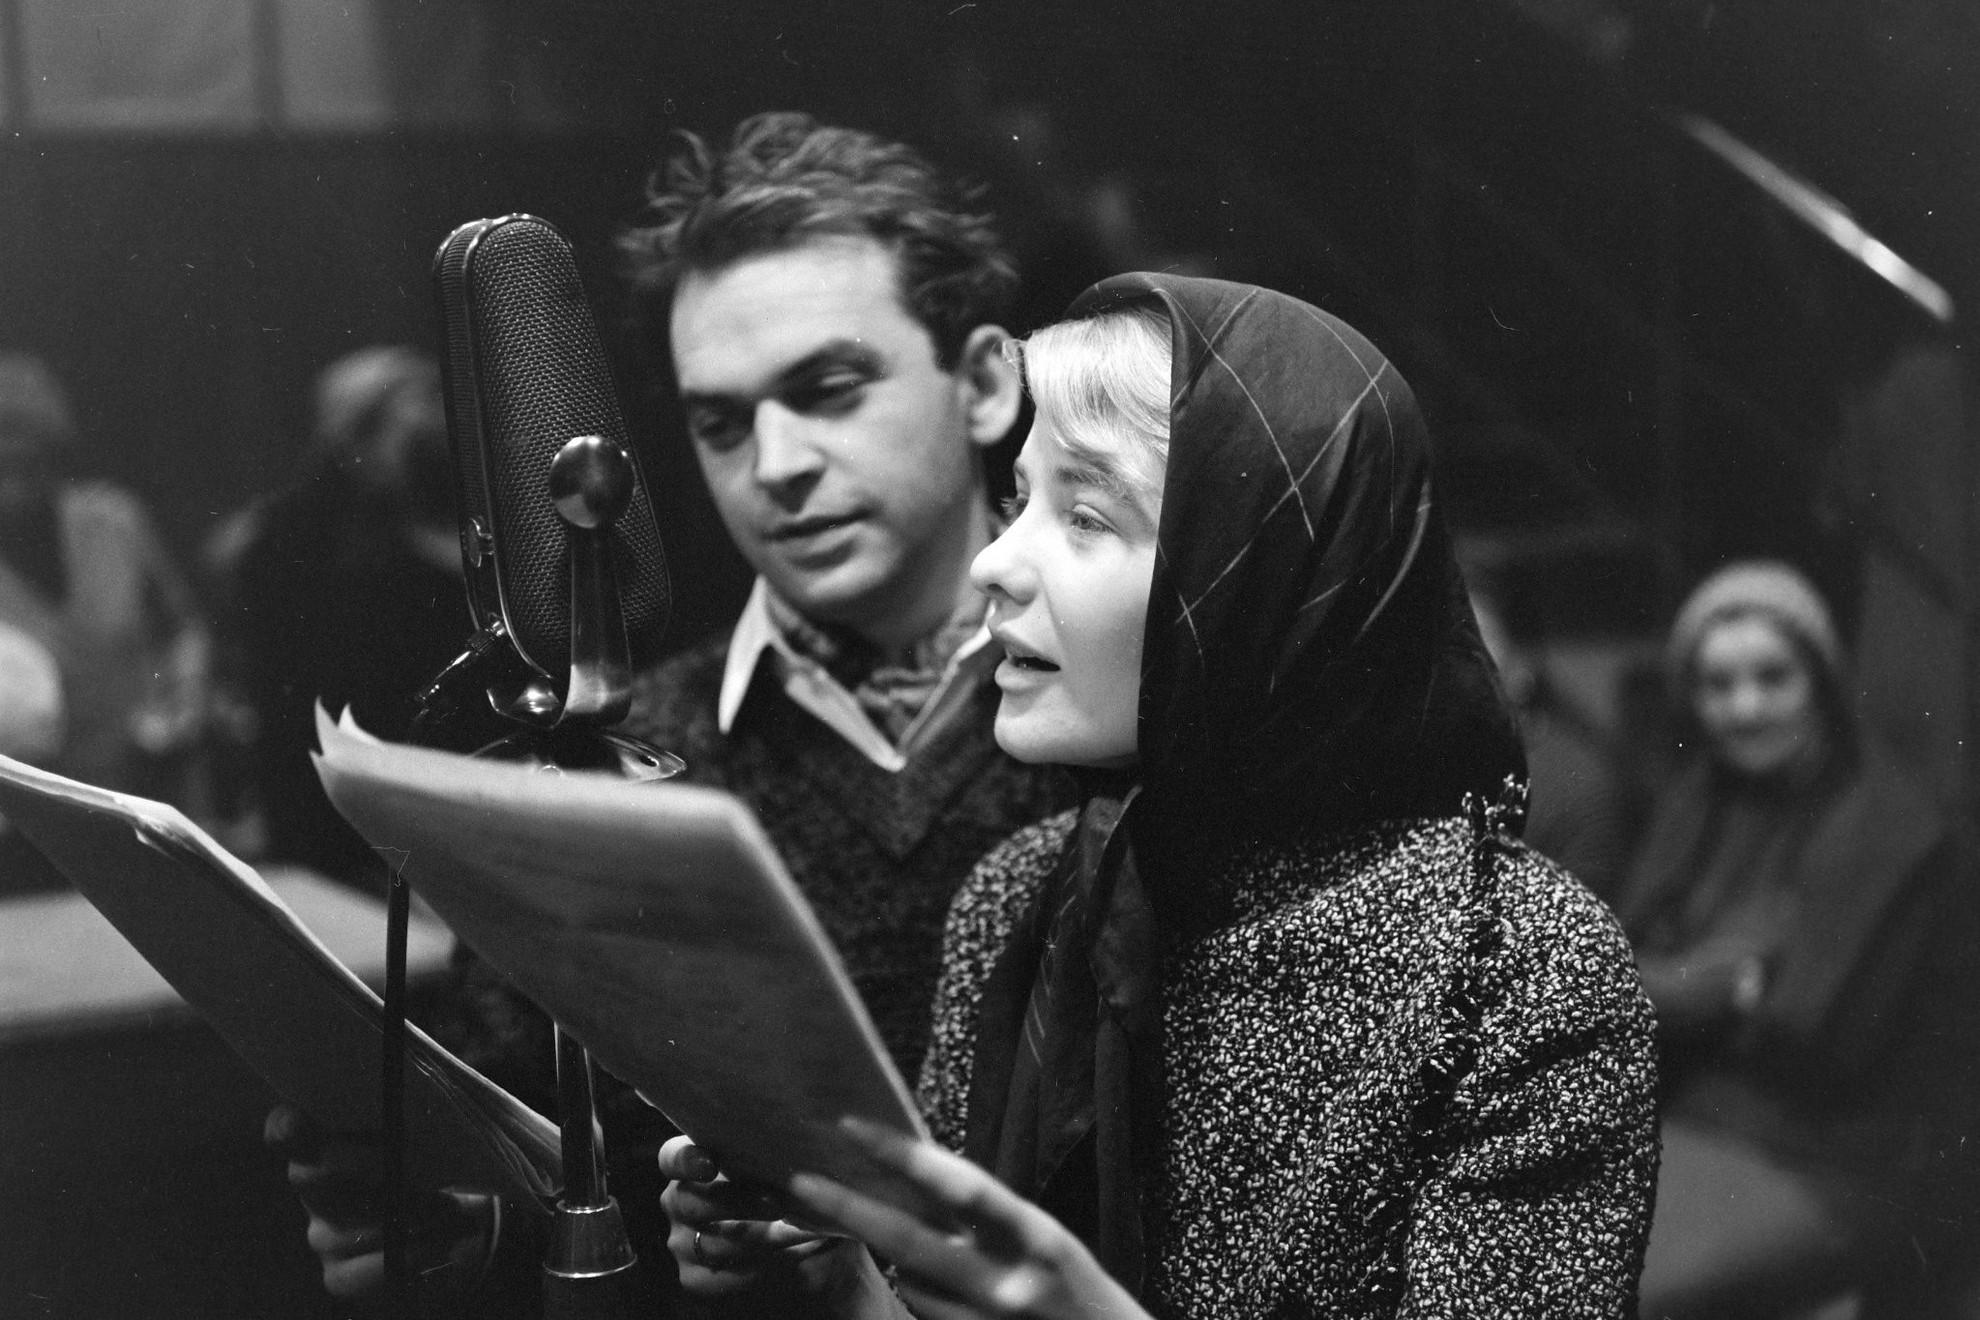 Gárdonyi Géza Az egri csillagok című művéből készült rádiójáték felvétele 1961-ben Bodrogi Gyulával és Törőcsik Marival